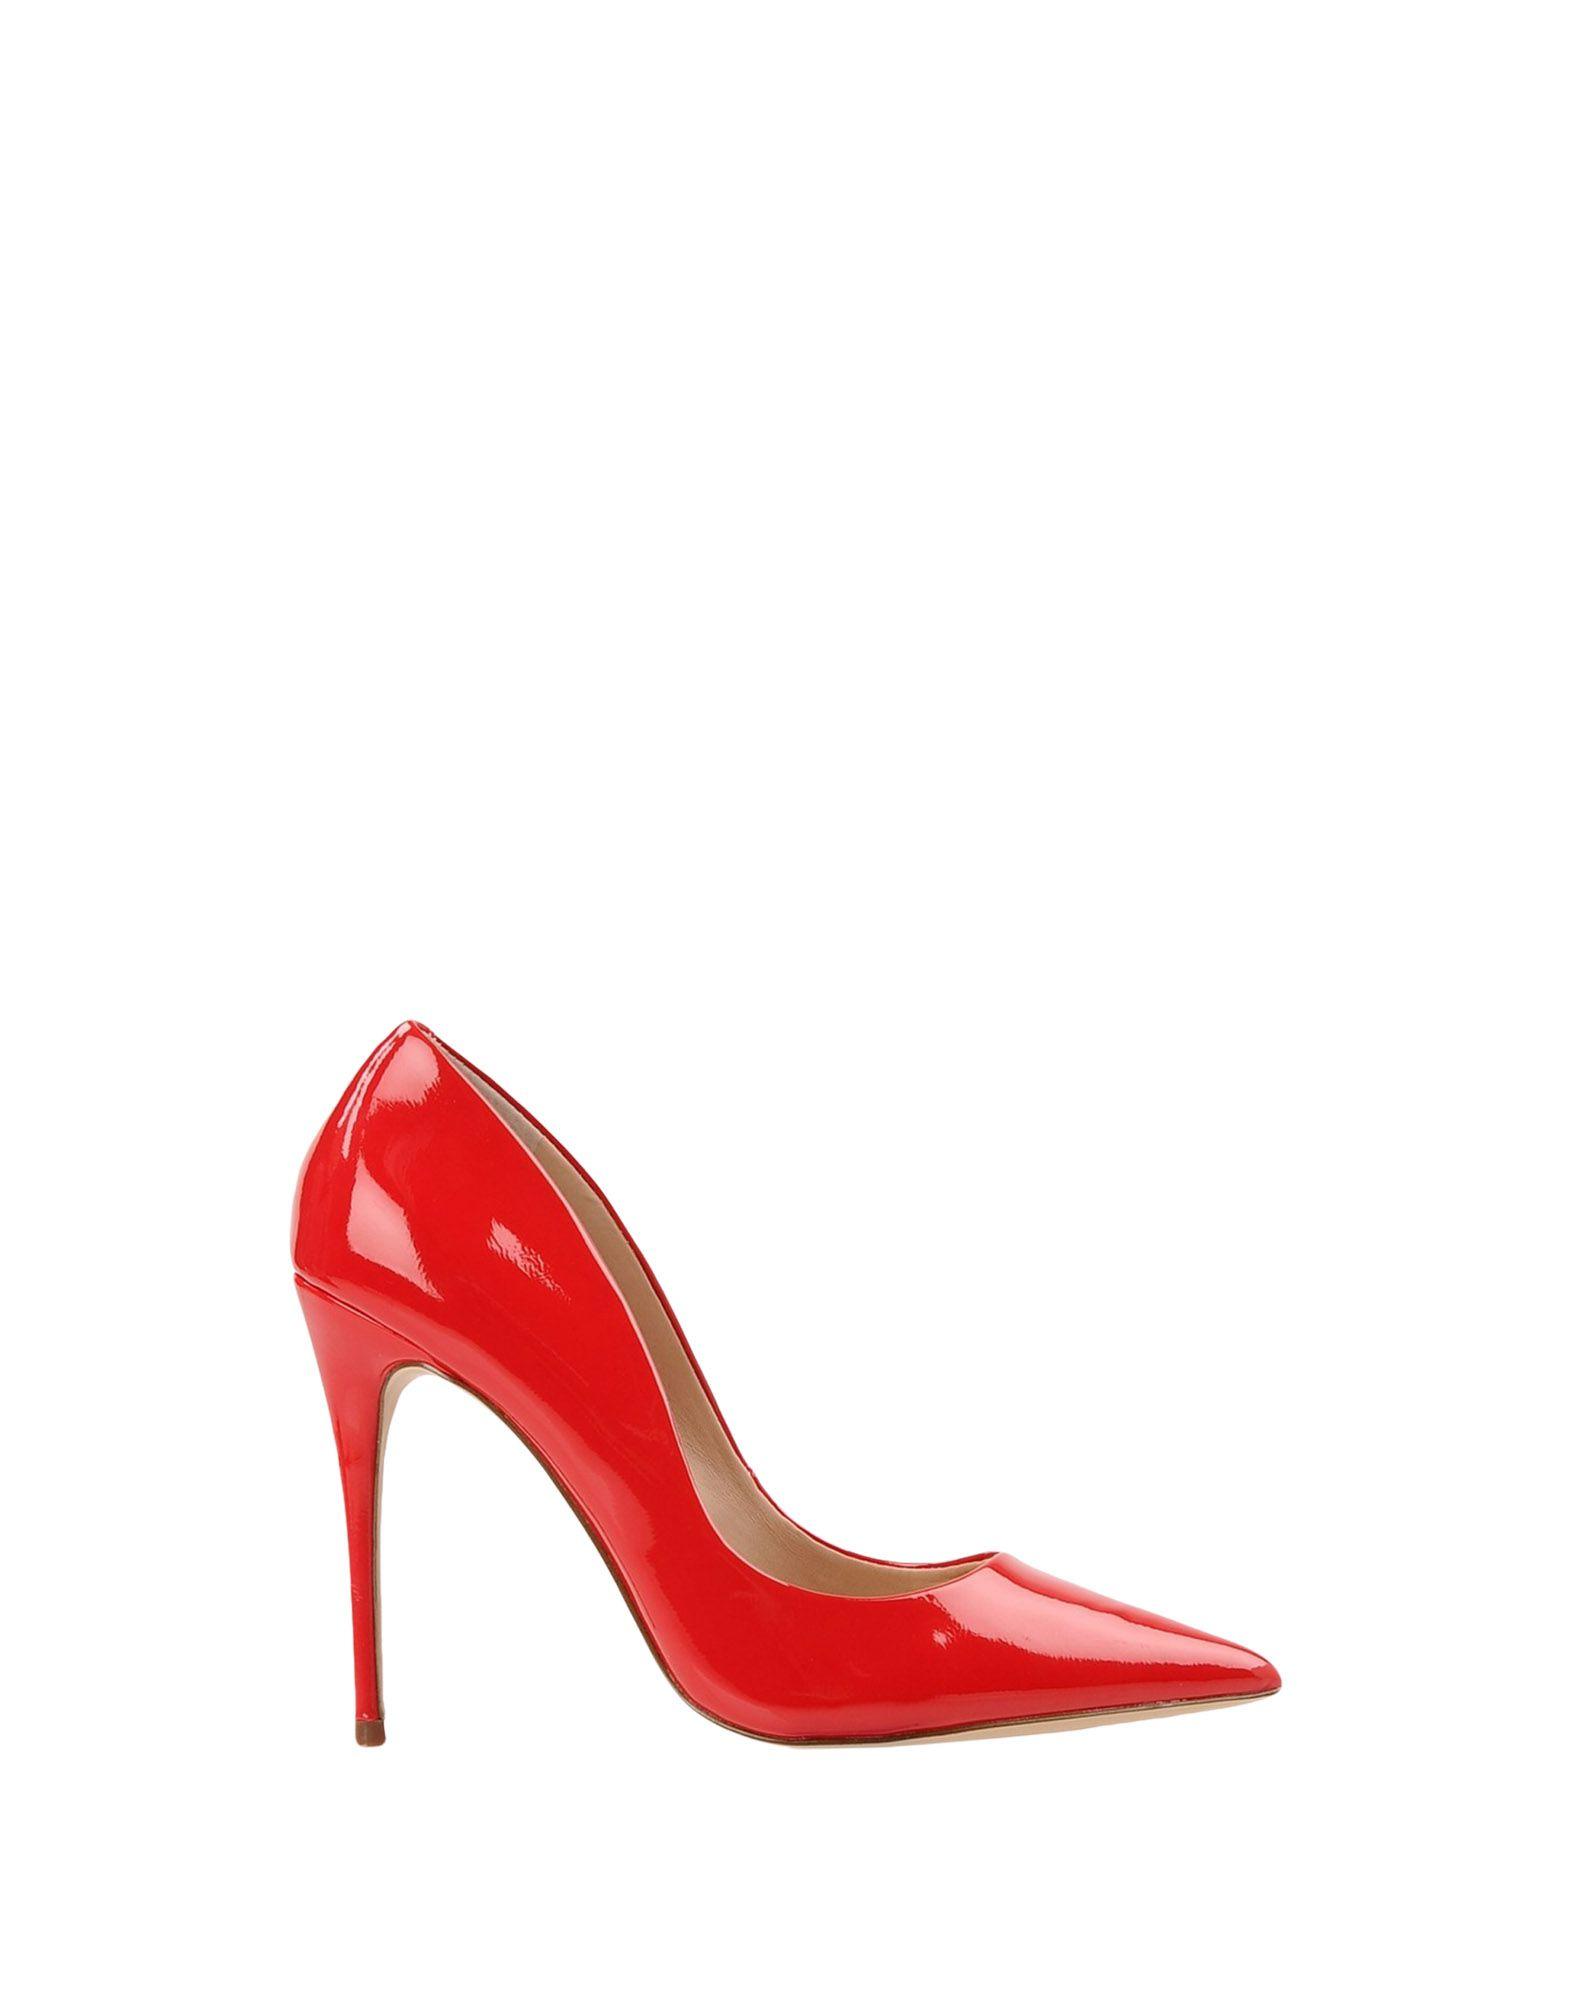 Steve 11437087BI Madden Pumps Damen  11437087BI Steve Gute Qualität beliebte Schuhe d14470